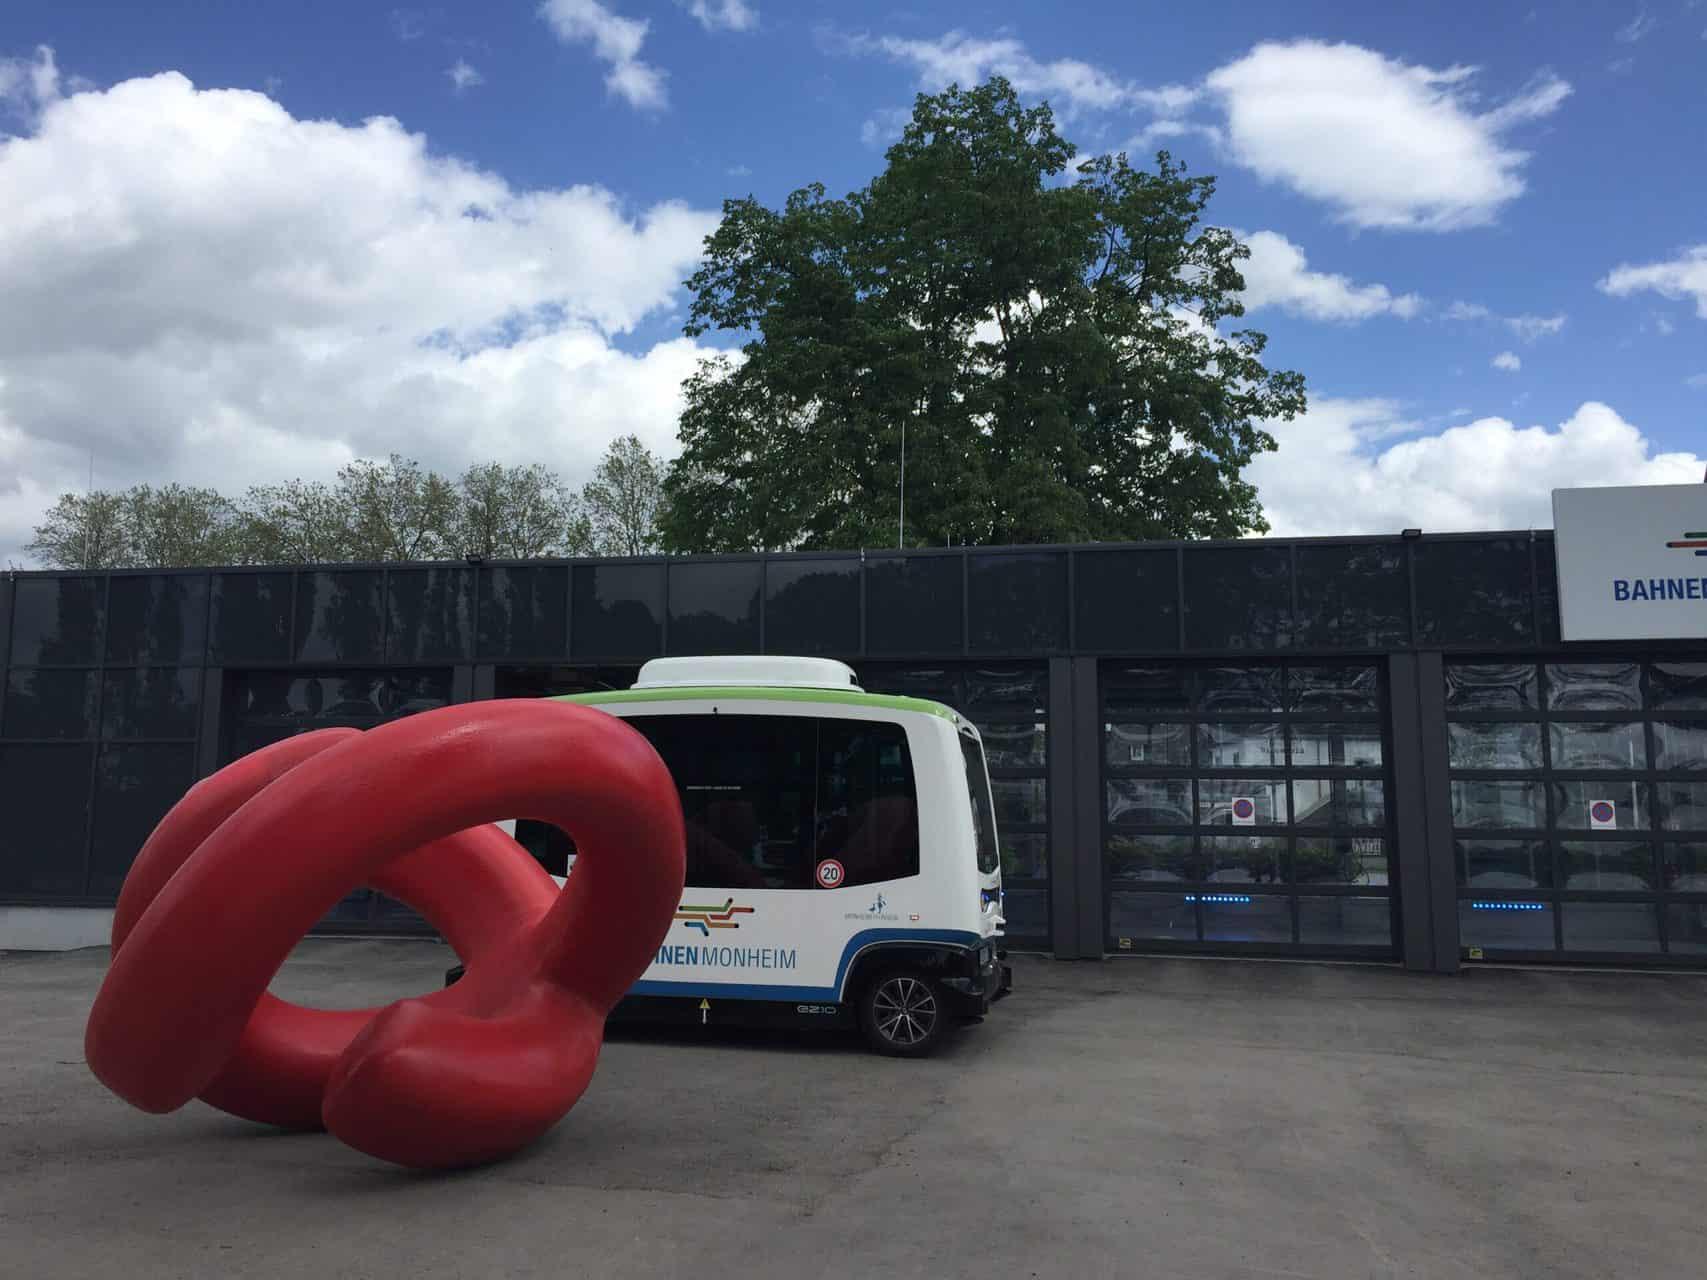 """Kunst-Aktion """"Bitte berühren!"""" in Monheim - Bewegungsskulptur Monami von Manfred Webel. Foto: Angela Behler"""